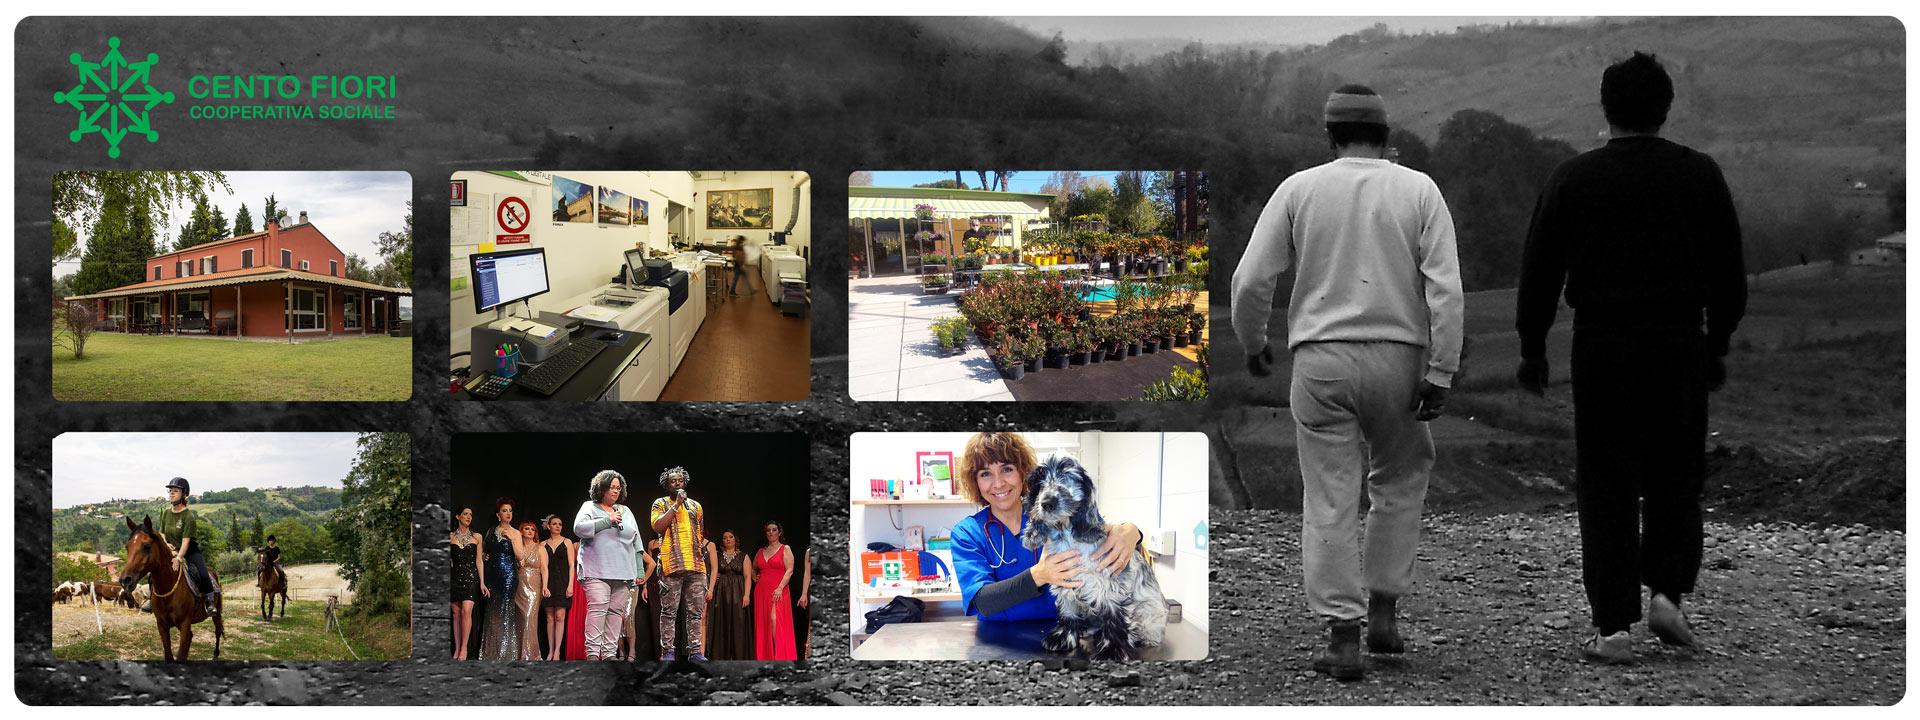 Composizione di immagini Immagini delle attività della Cooperativa Sociale Cento Fiori di Rimini.